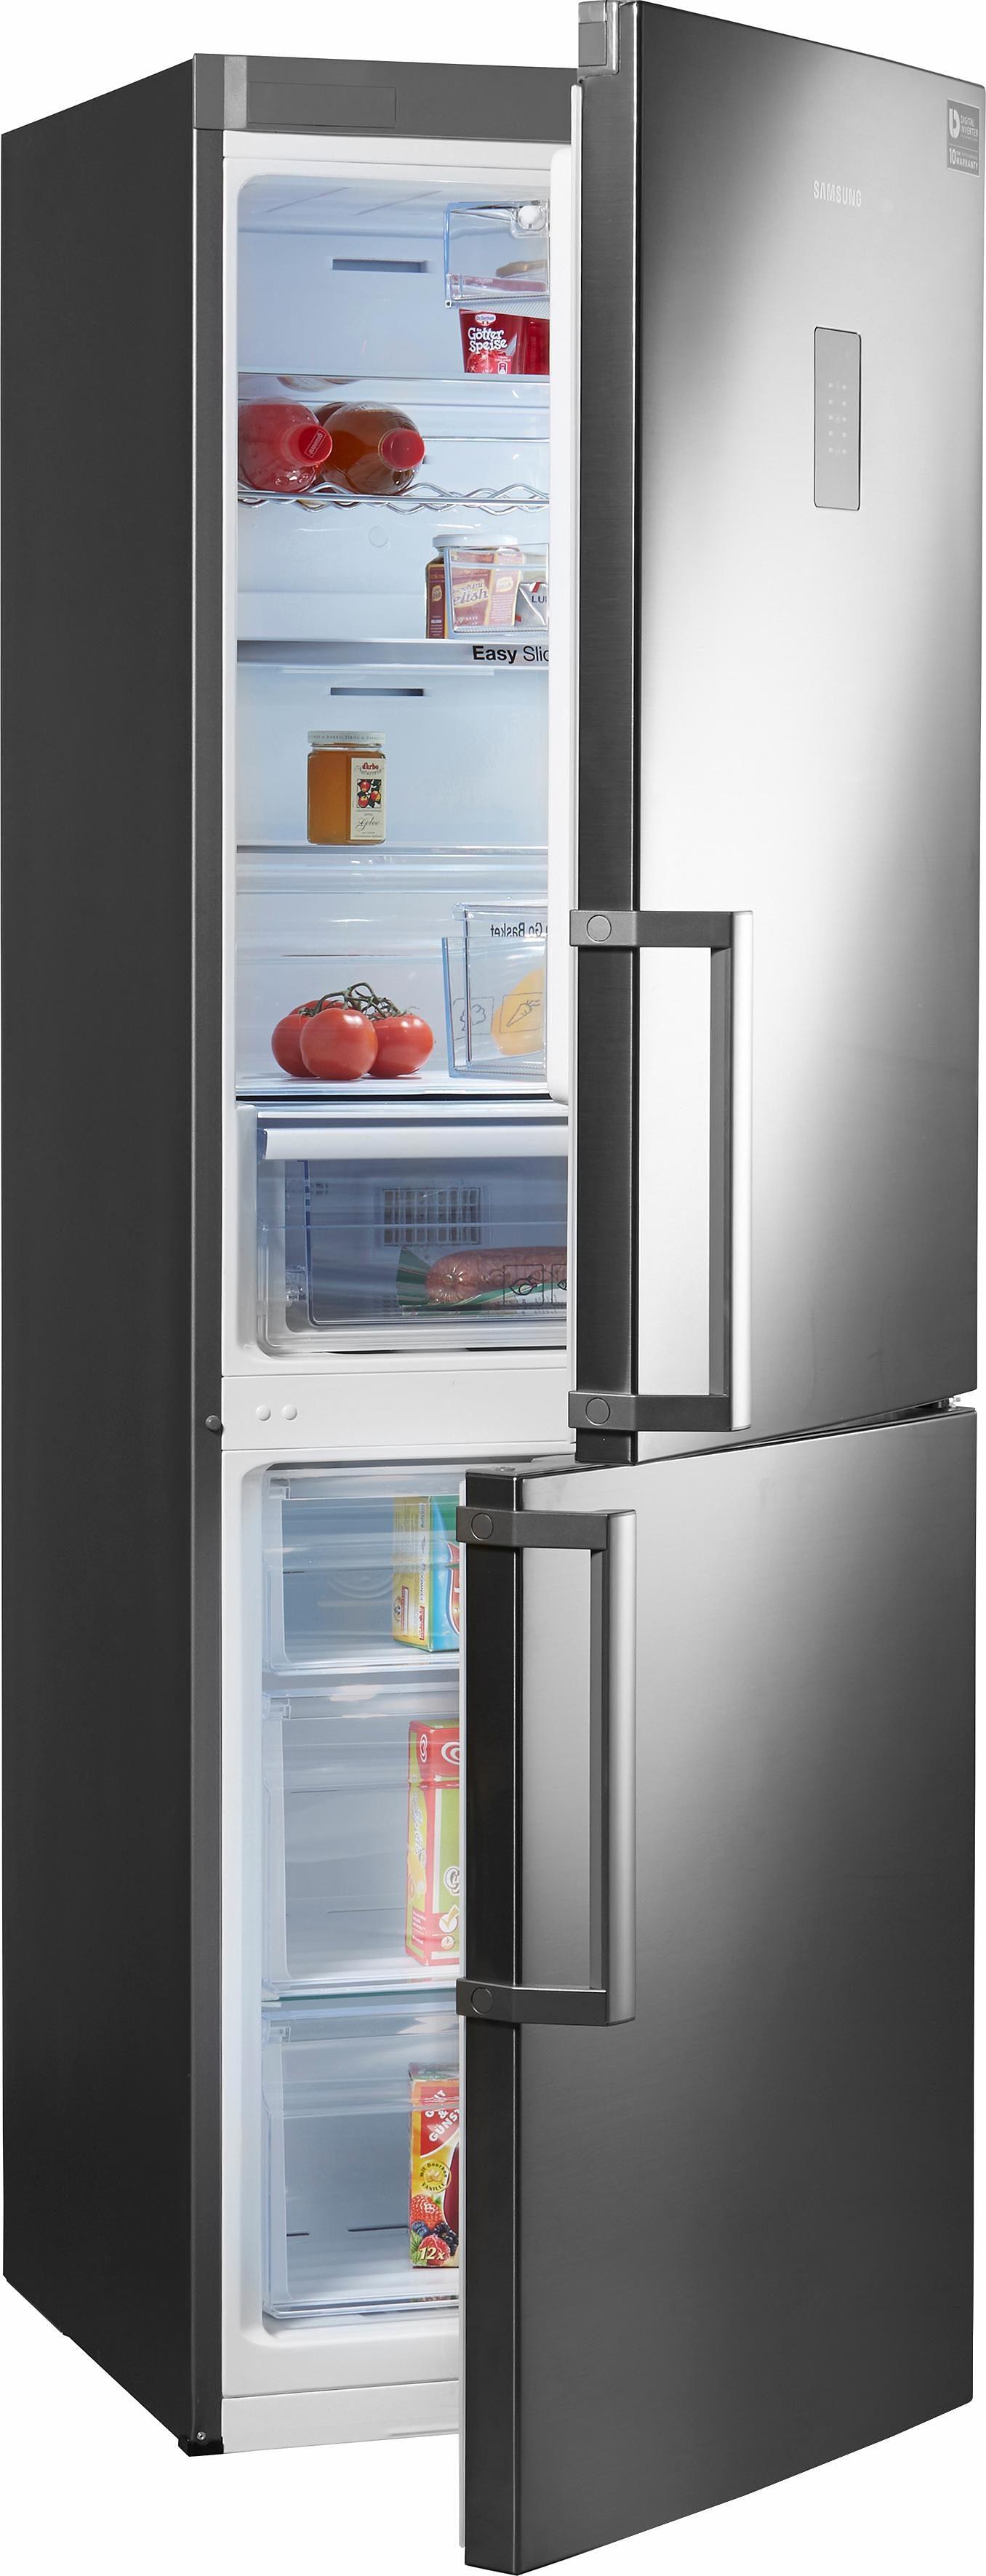 Samsung Kühl-Gefrierkombination RL29FEJNBSS/EG, Energieklasse A+++, 178 cm hoch